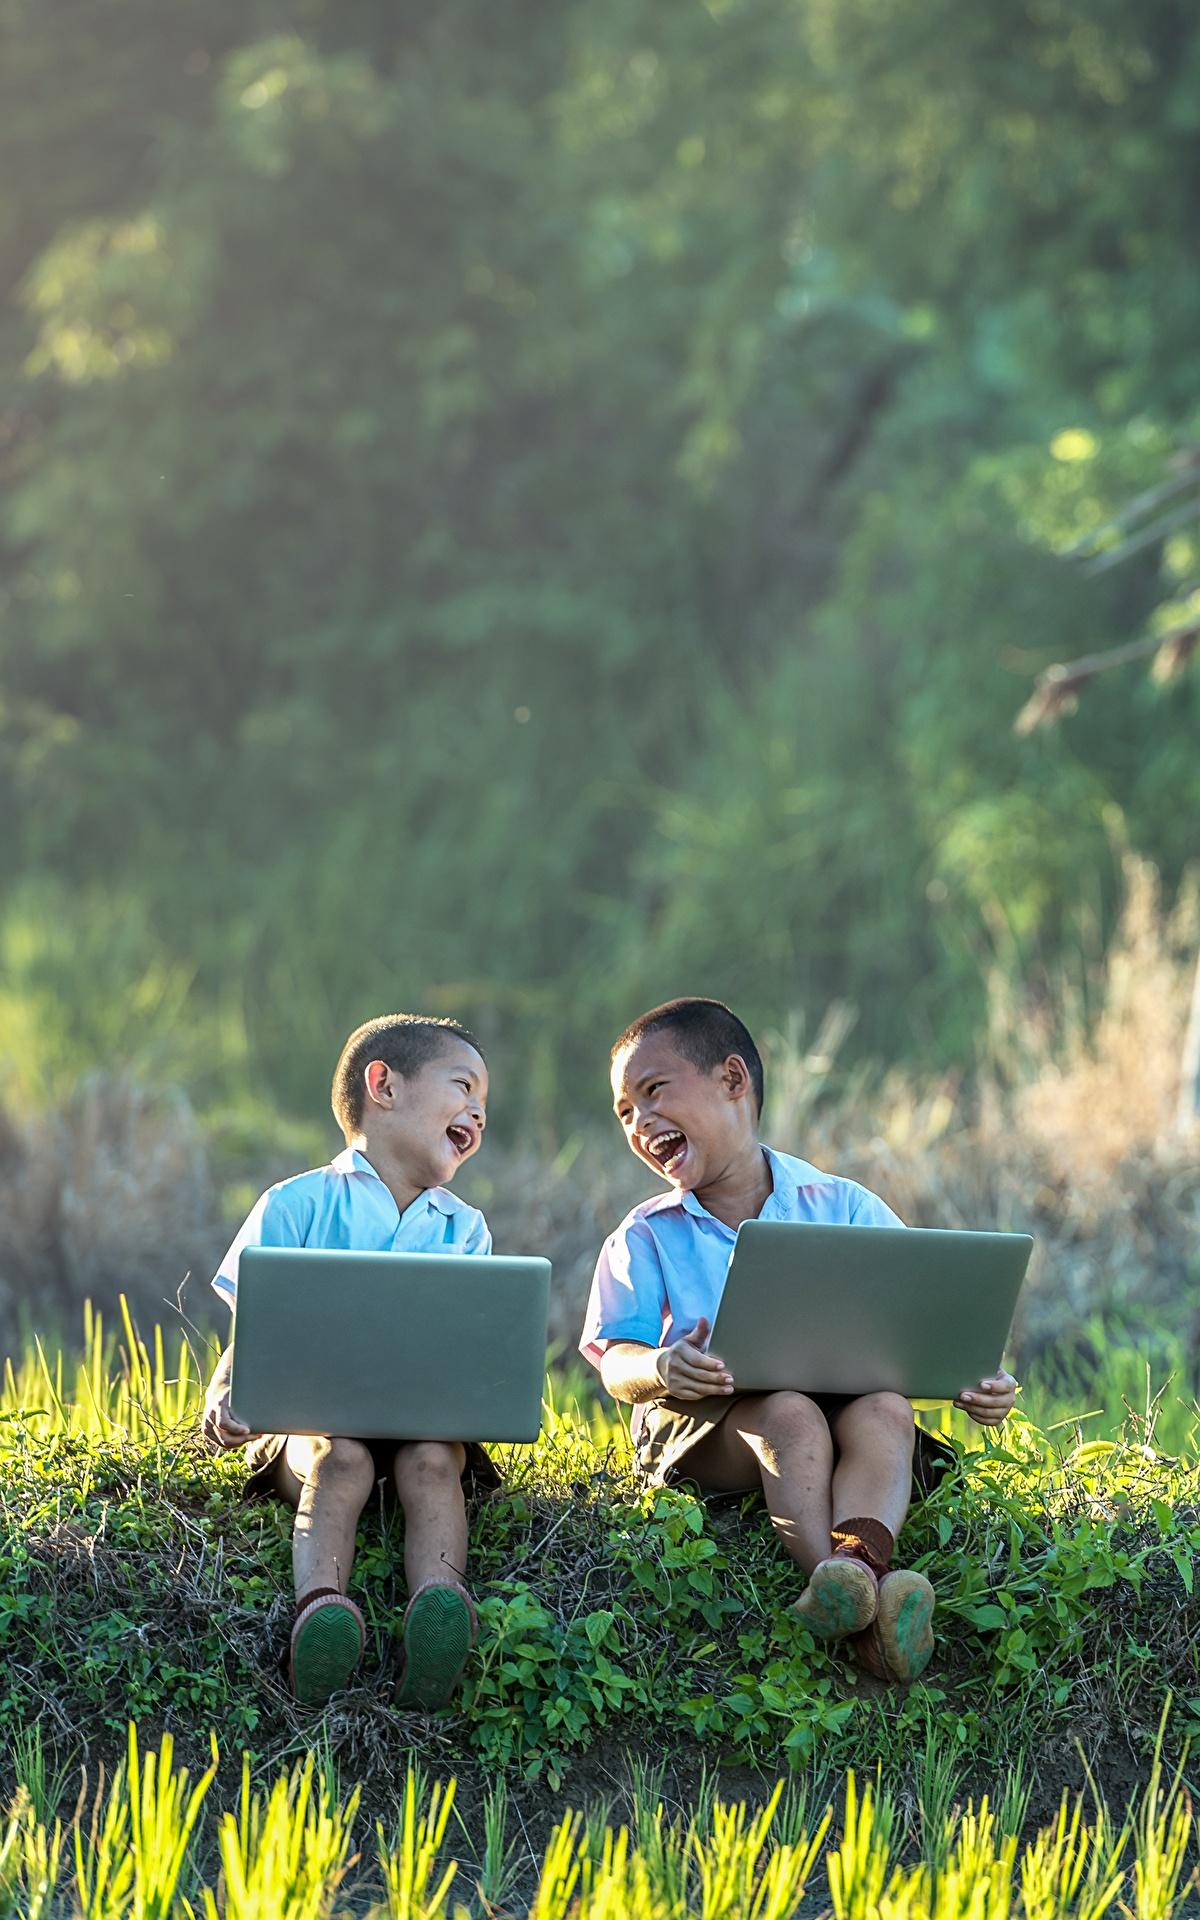 Foto Notebook Junge Lachen Kinder Zwei Asiatische Gras Sitzend 1200x1920 2